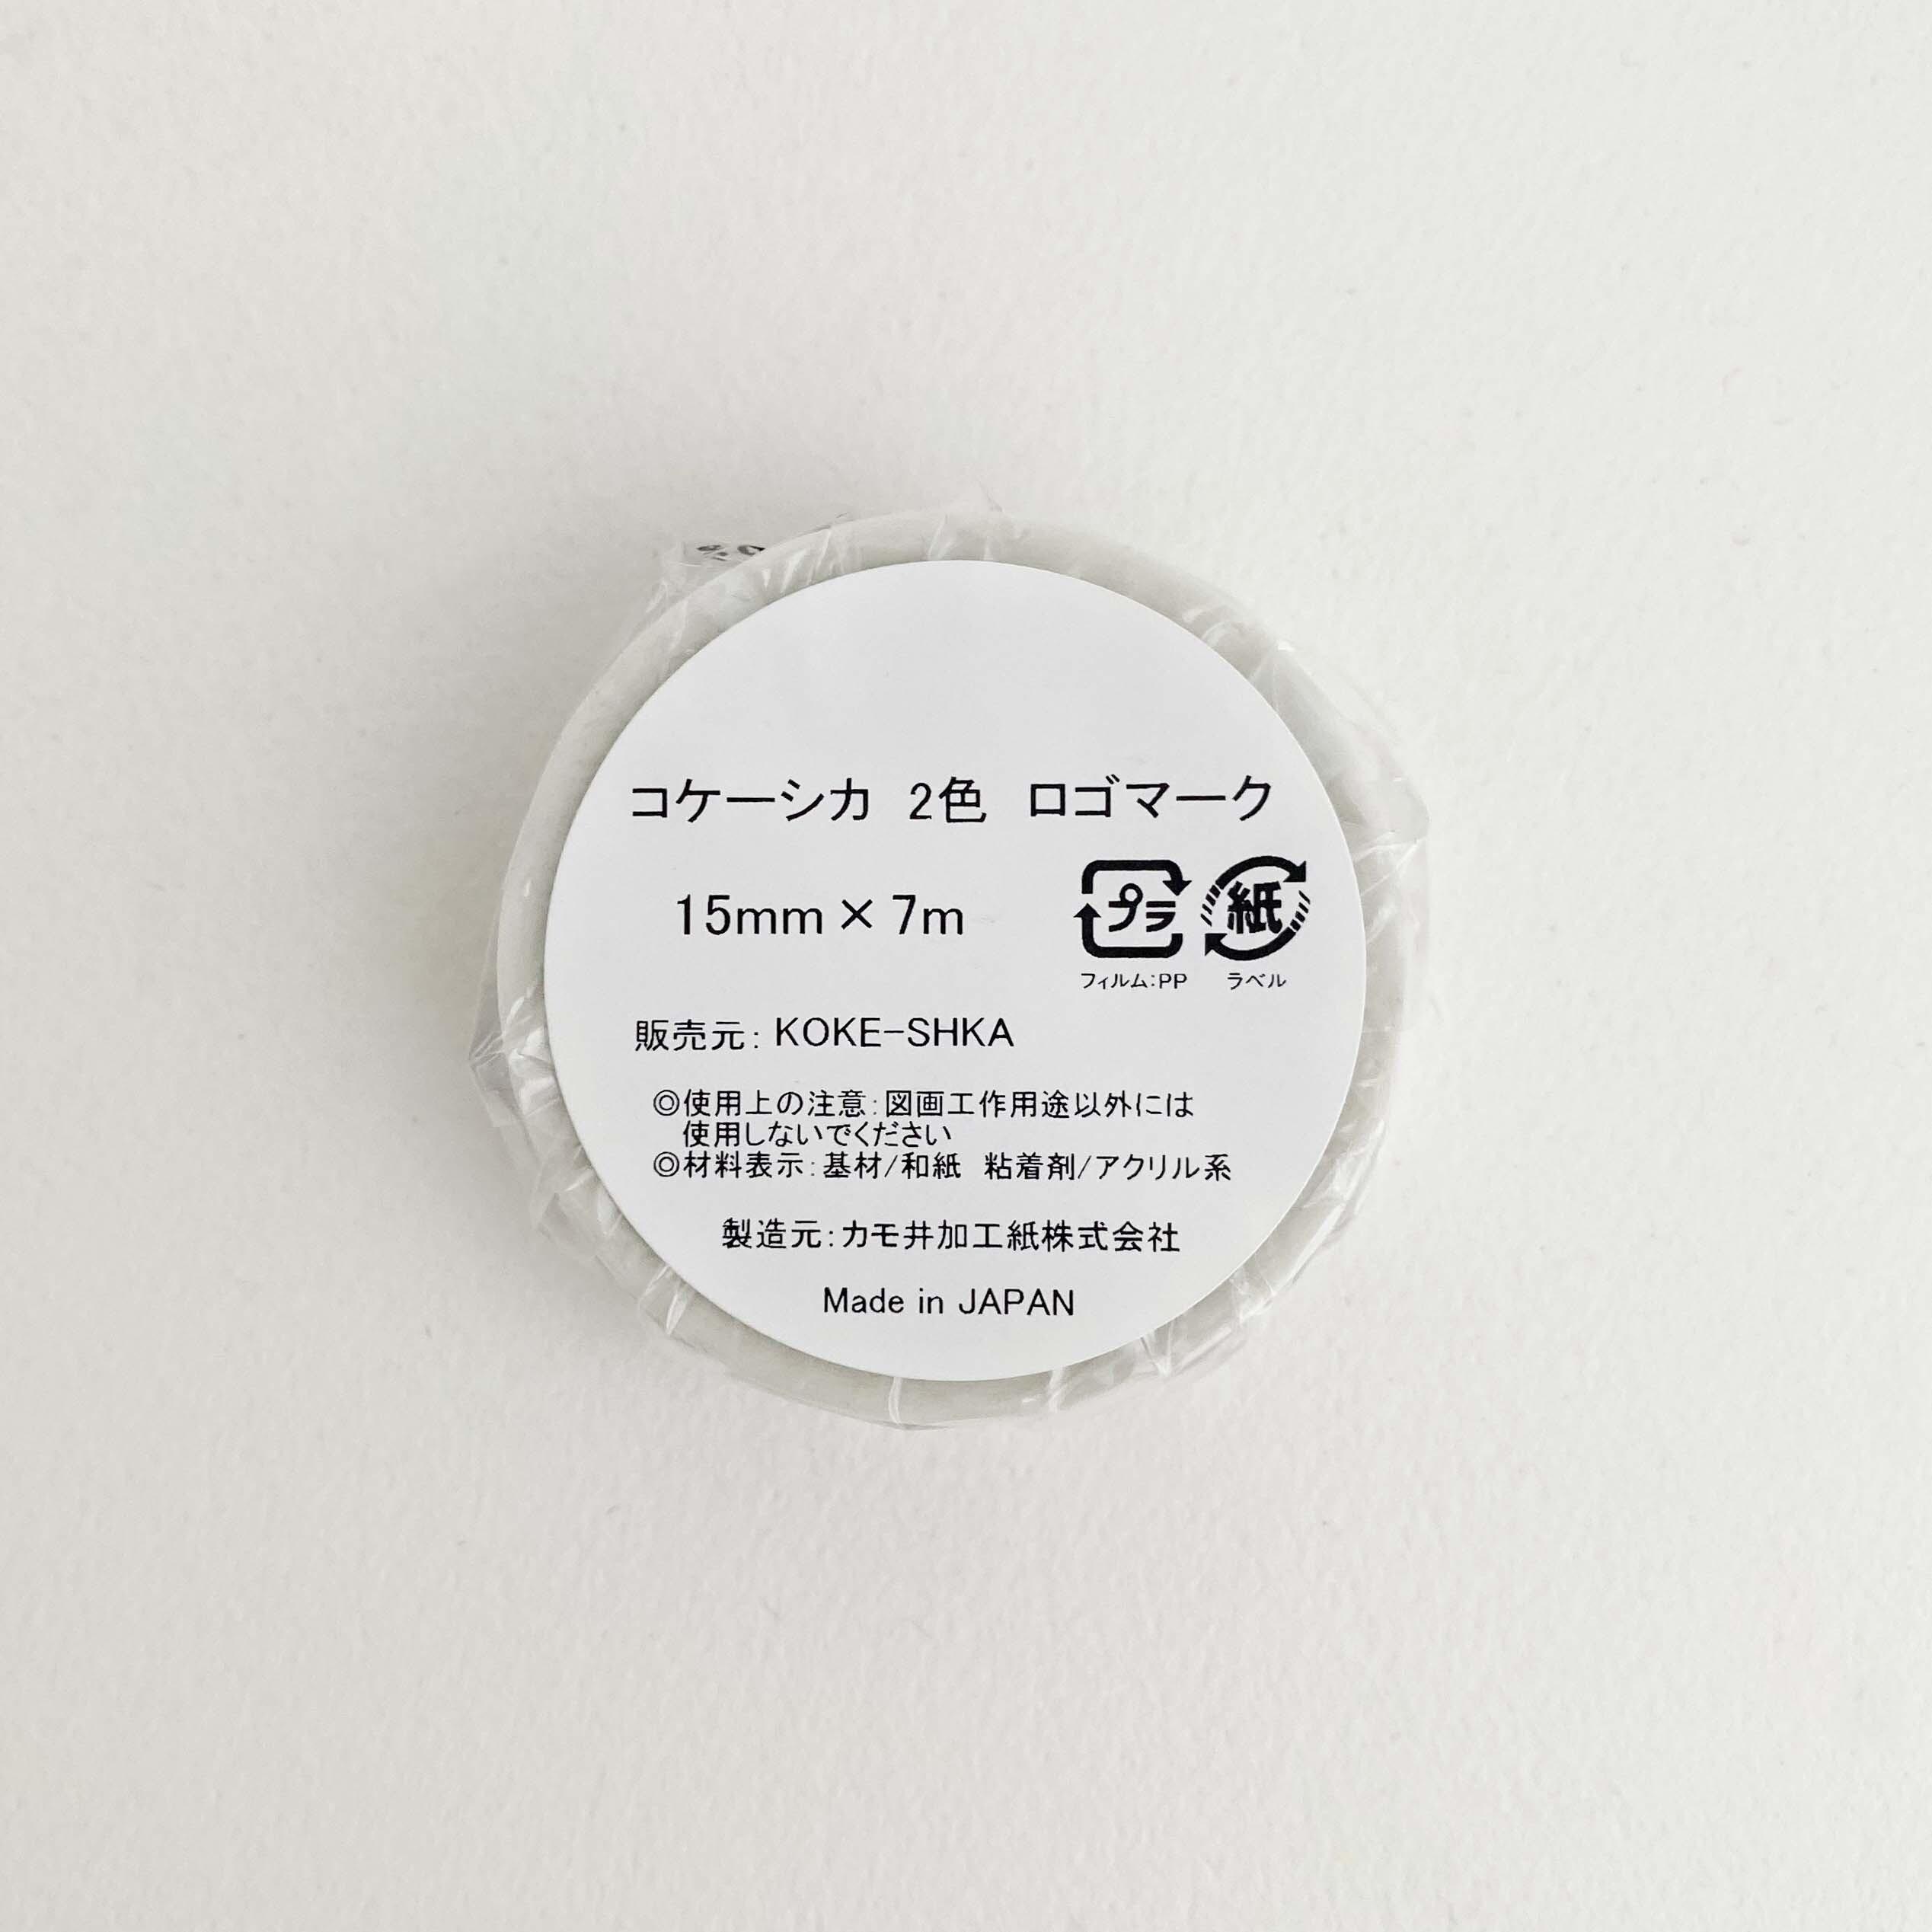 マスキングテープ(コケーシカロゴエンブレム)